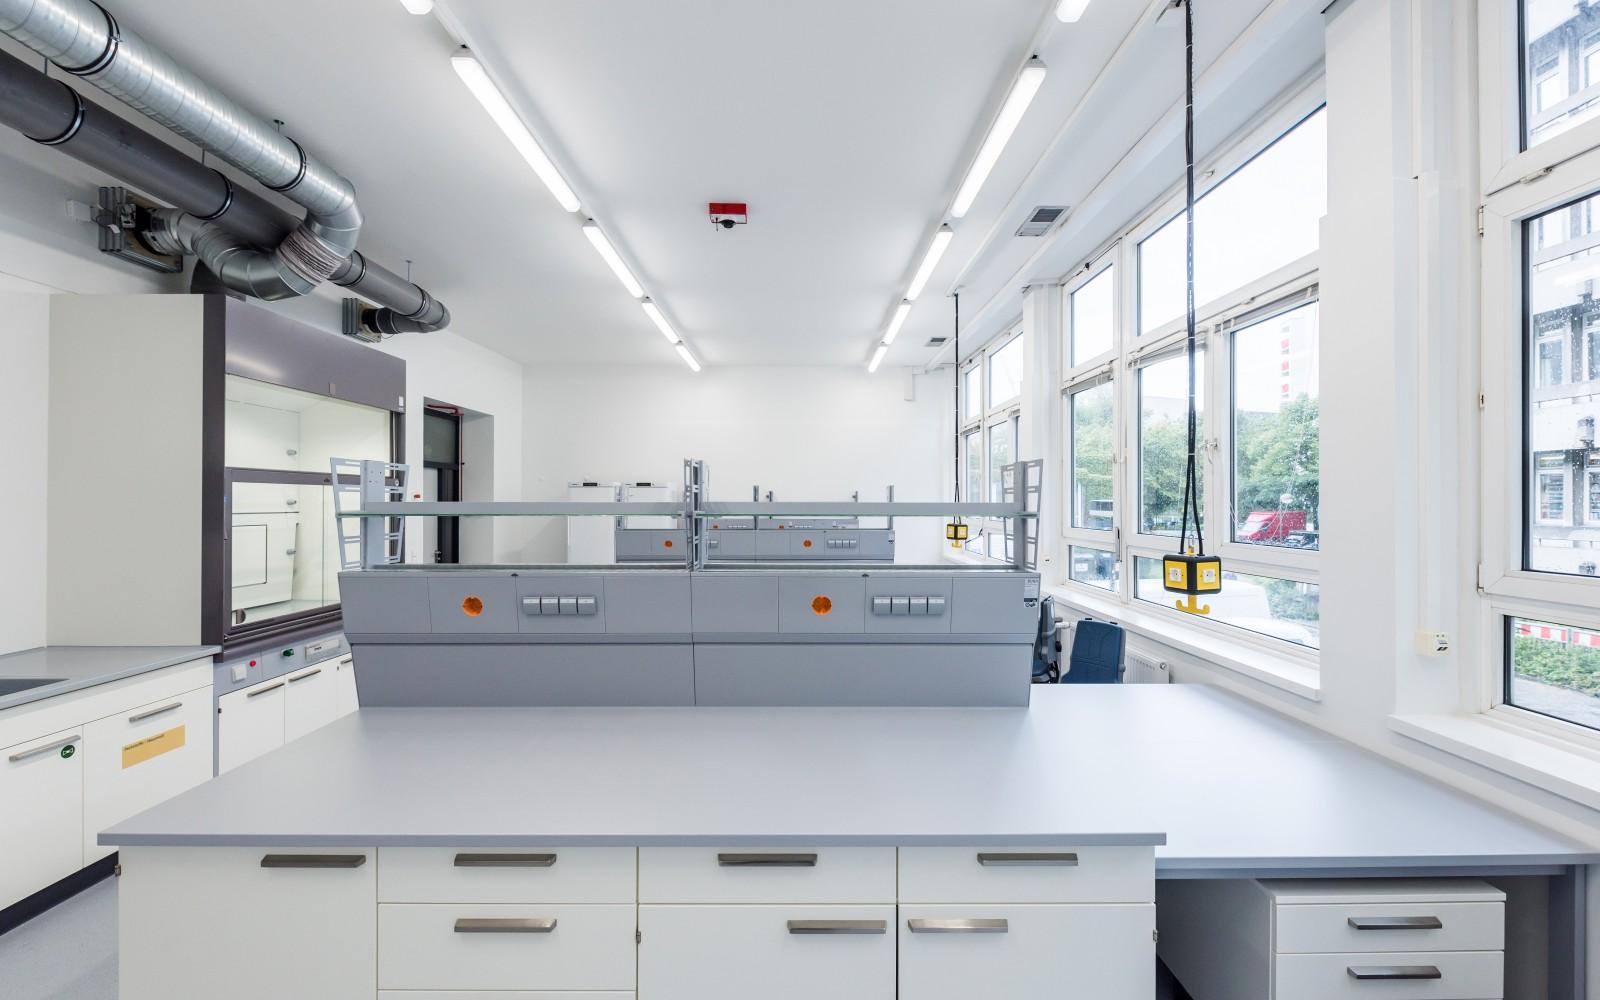 umbau-bestand-uni-hamburg-fachbereich-chemie-Institut-fuer-biochemie-und-molekularbiologie-labor